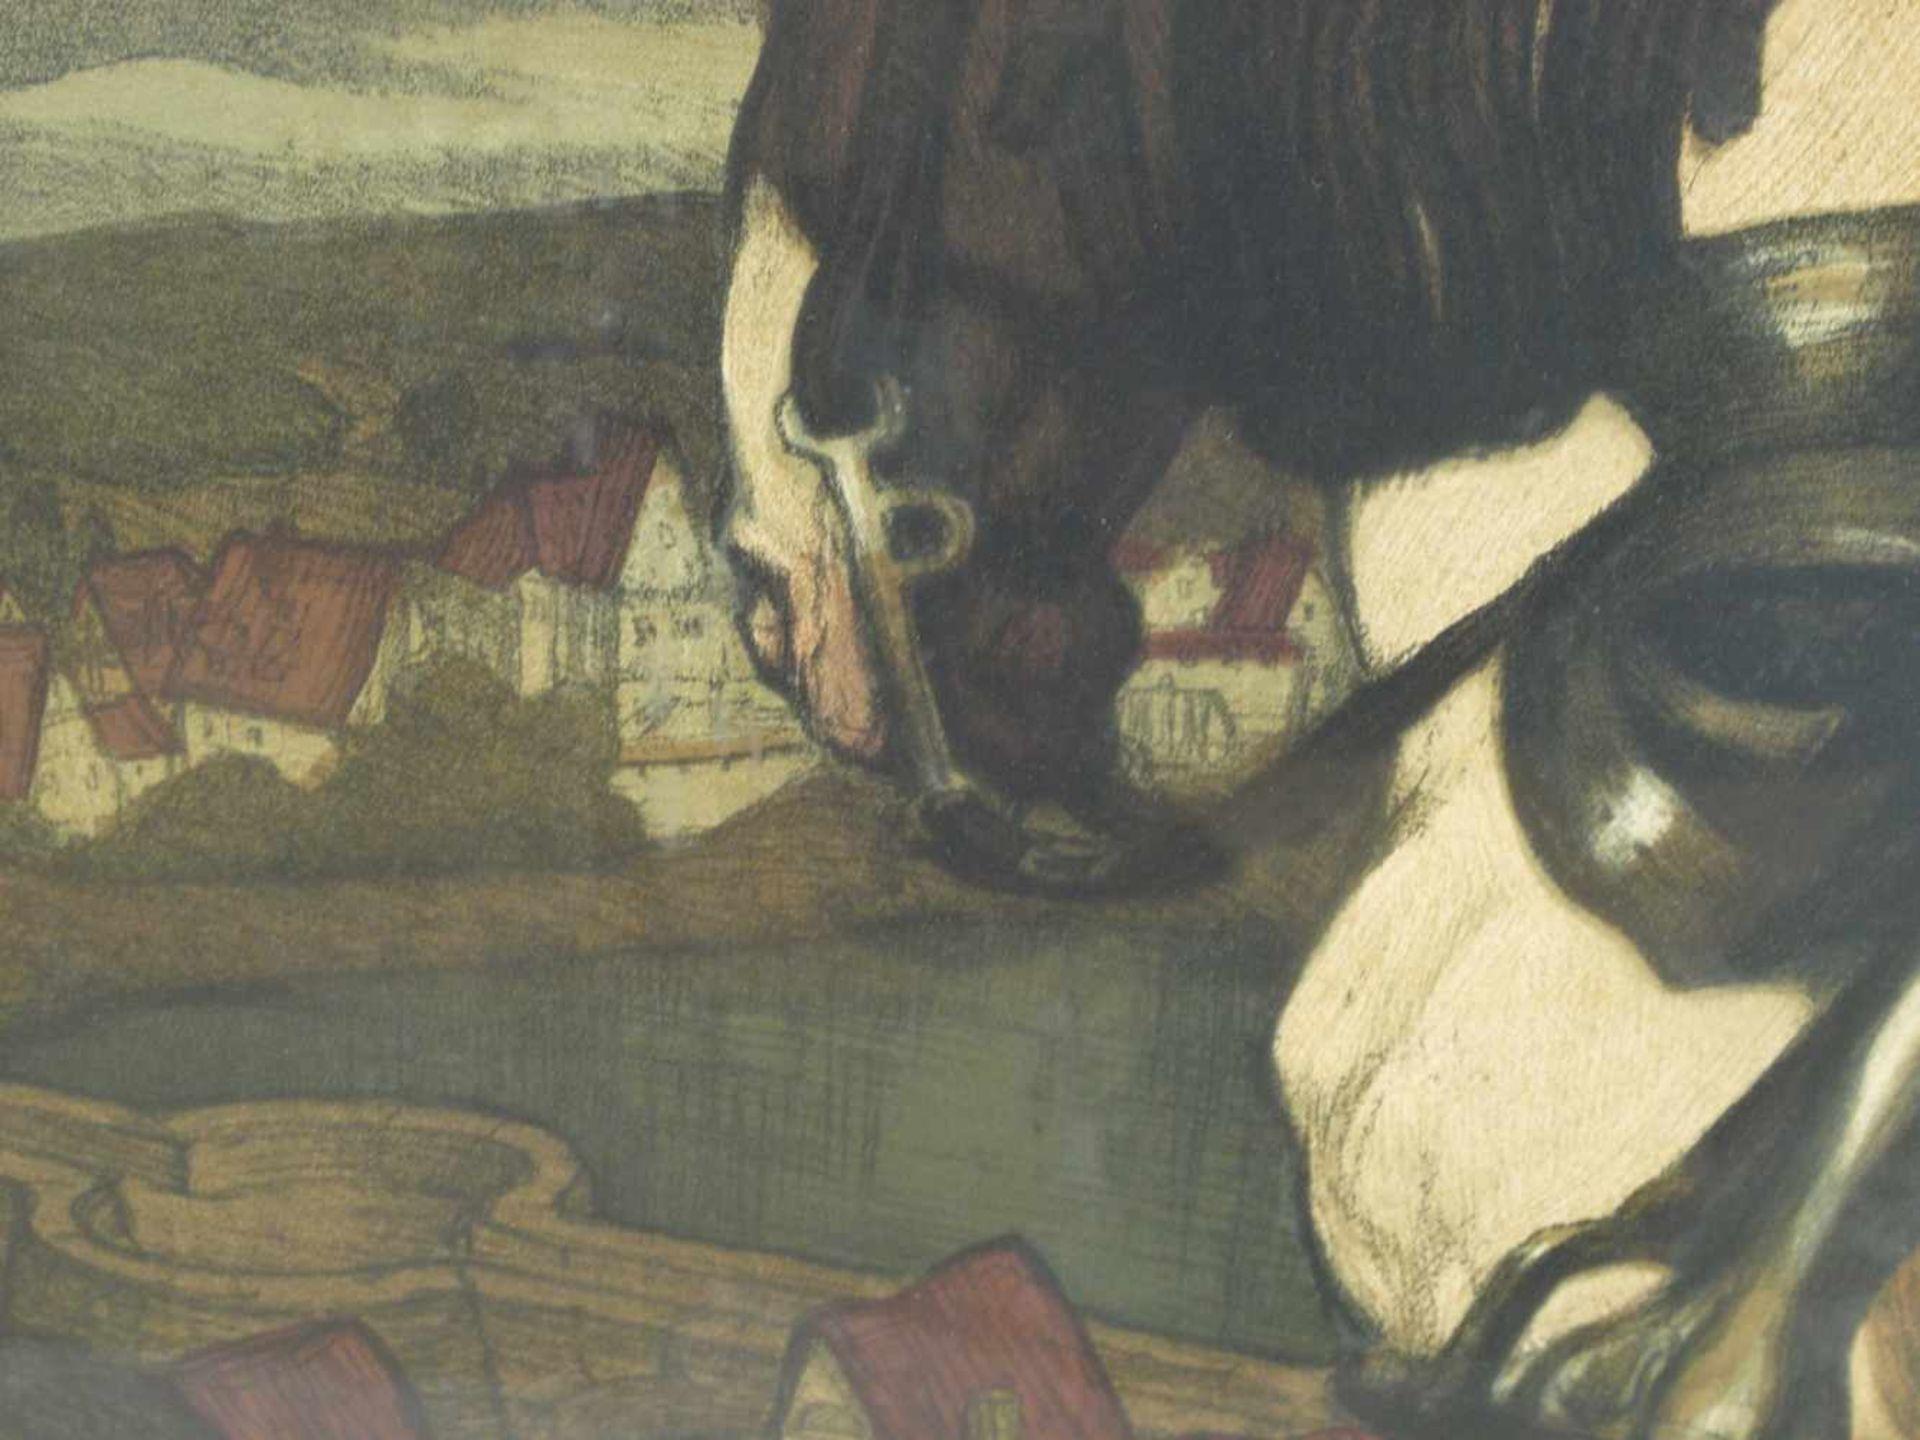 Los 10 - Prof. Jank, Angelo (1868-1940) - Die Eiserne Wehr 1902 FarbsteindruckInteressante Perspektive von